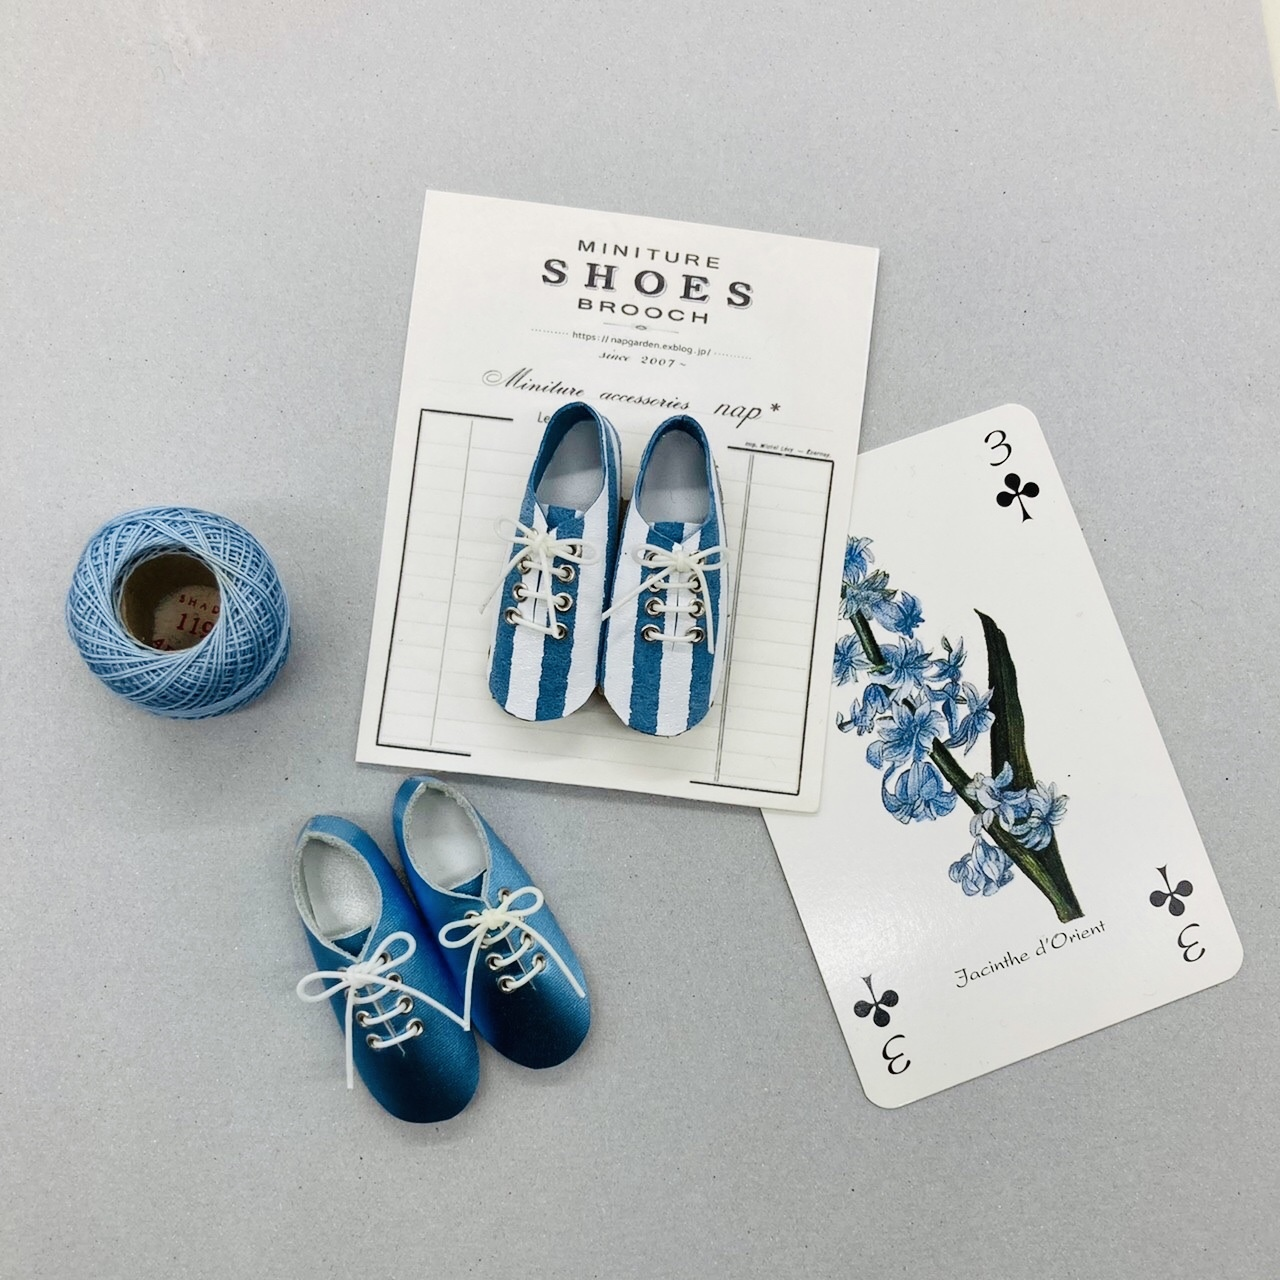 nap* 秋の靴ブローチたち_c0235166_01011905.jpeg